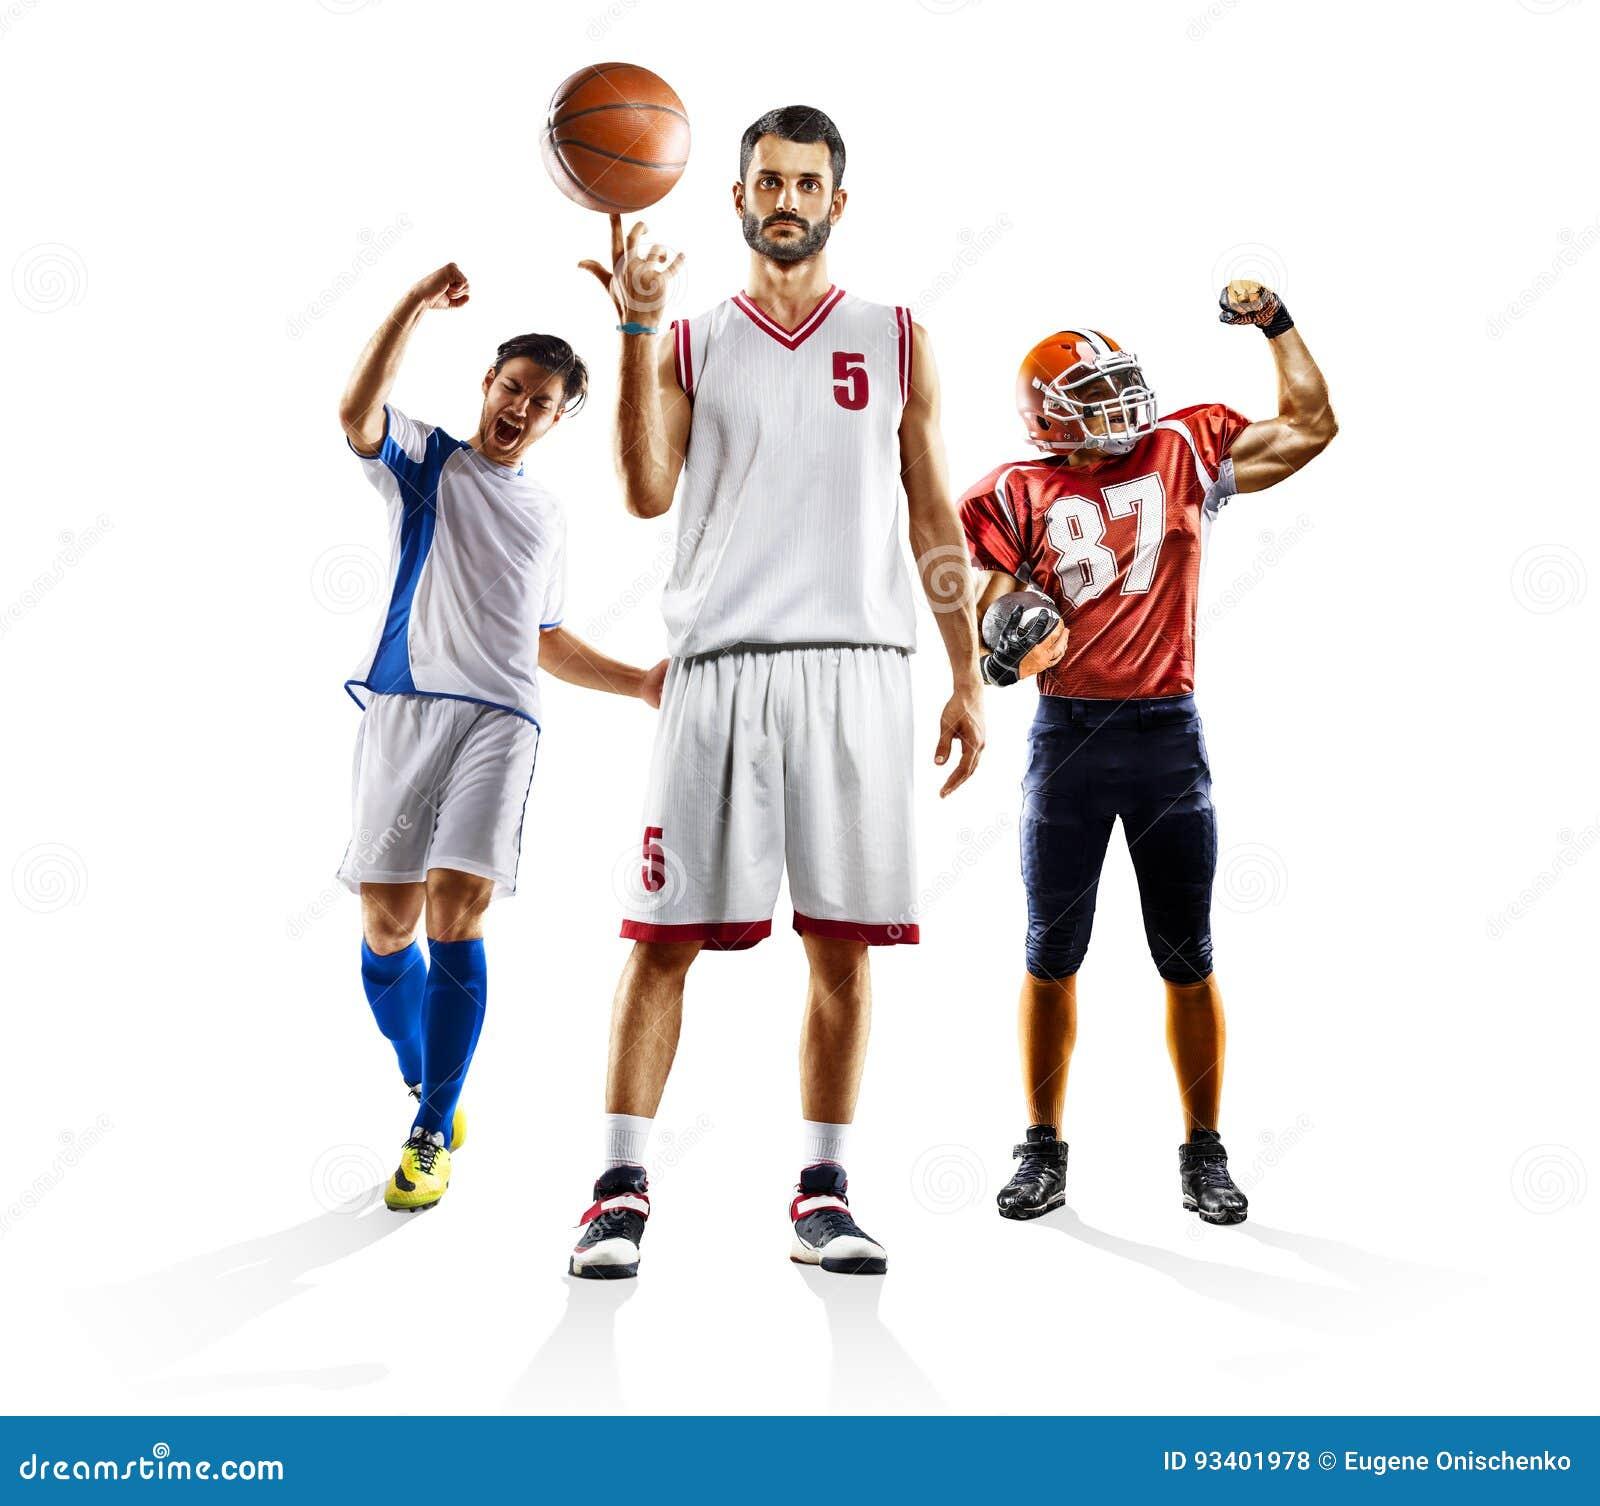 Wielo- sporta kolażu piłki nożnej futbolu amerykańskiego bascketball